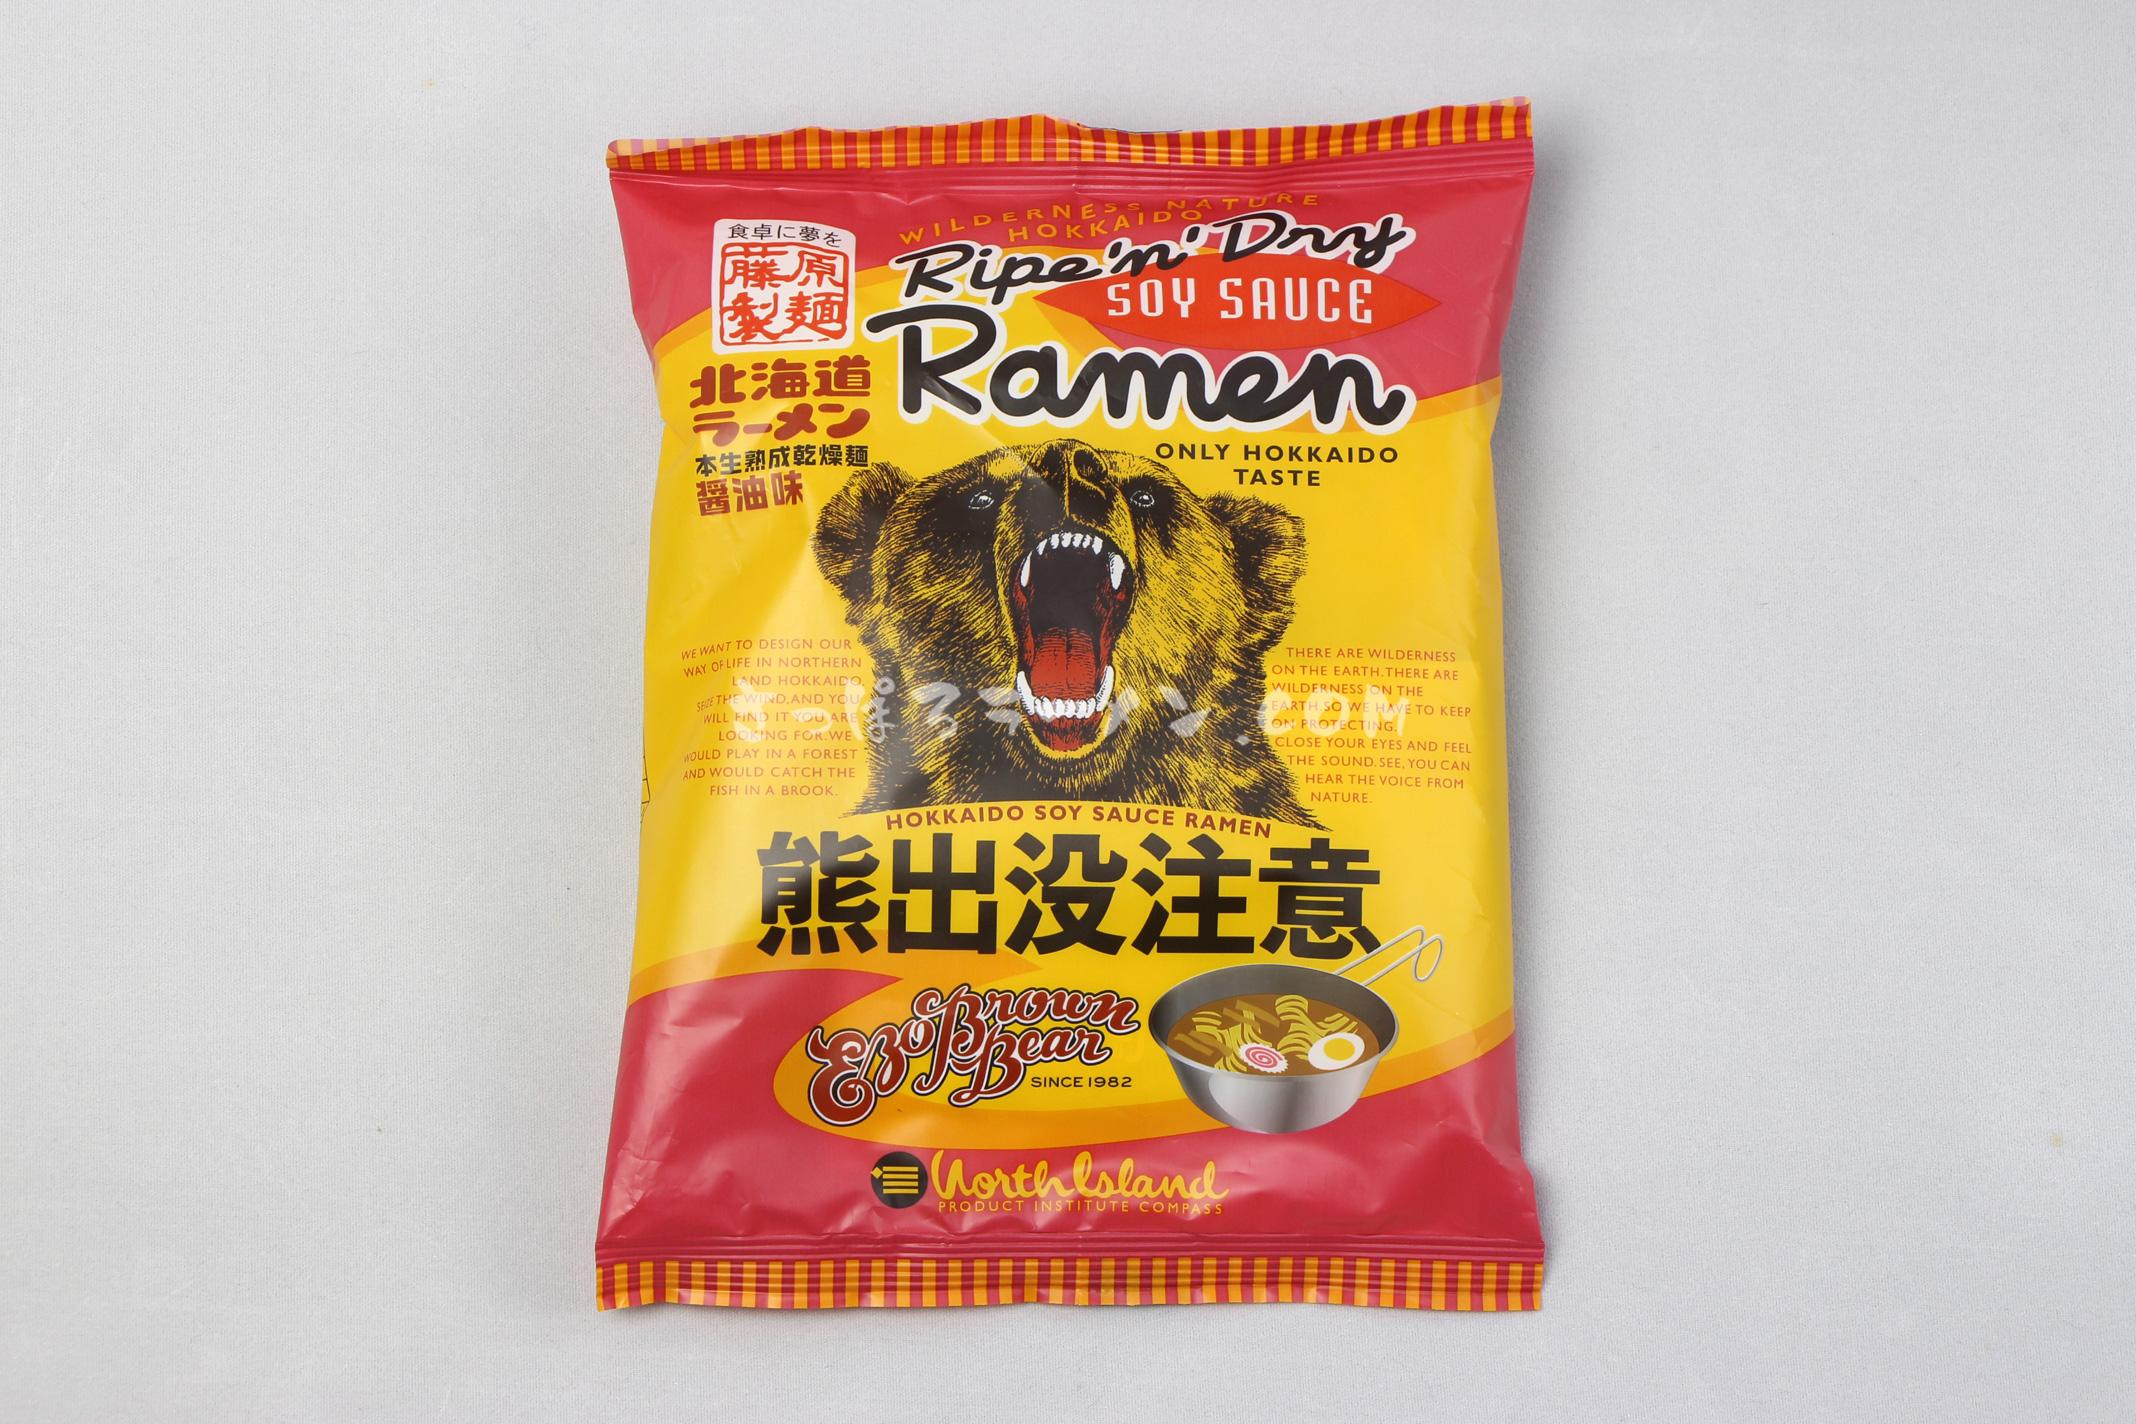 「熊出没注意ラーメン 醬油味」(藤原製麺)のパッケージ(表)